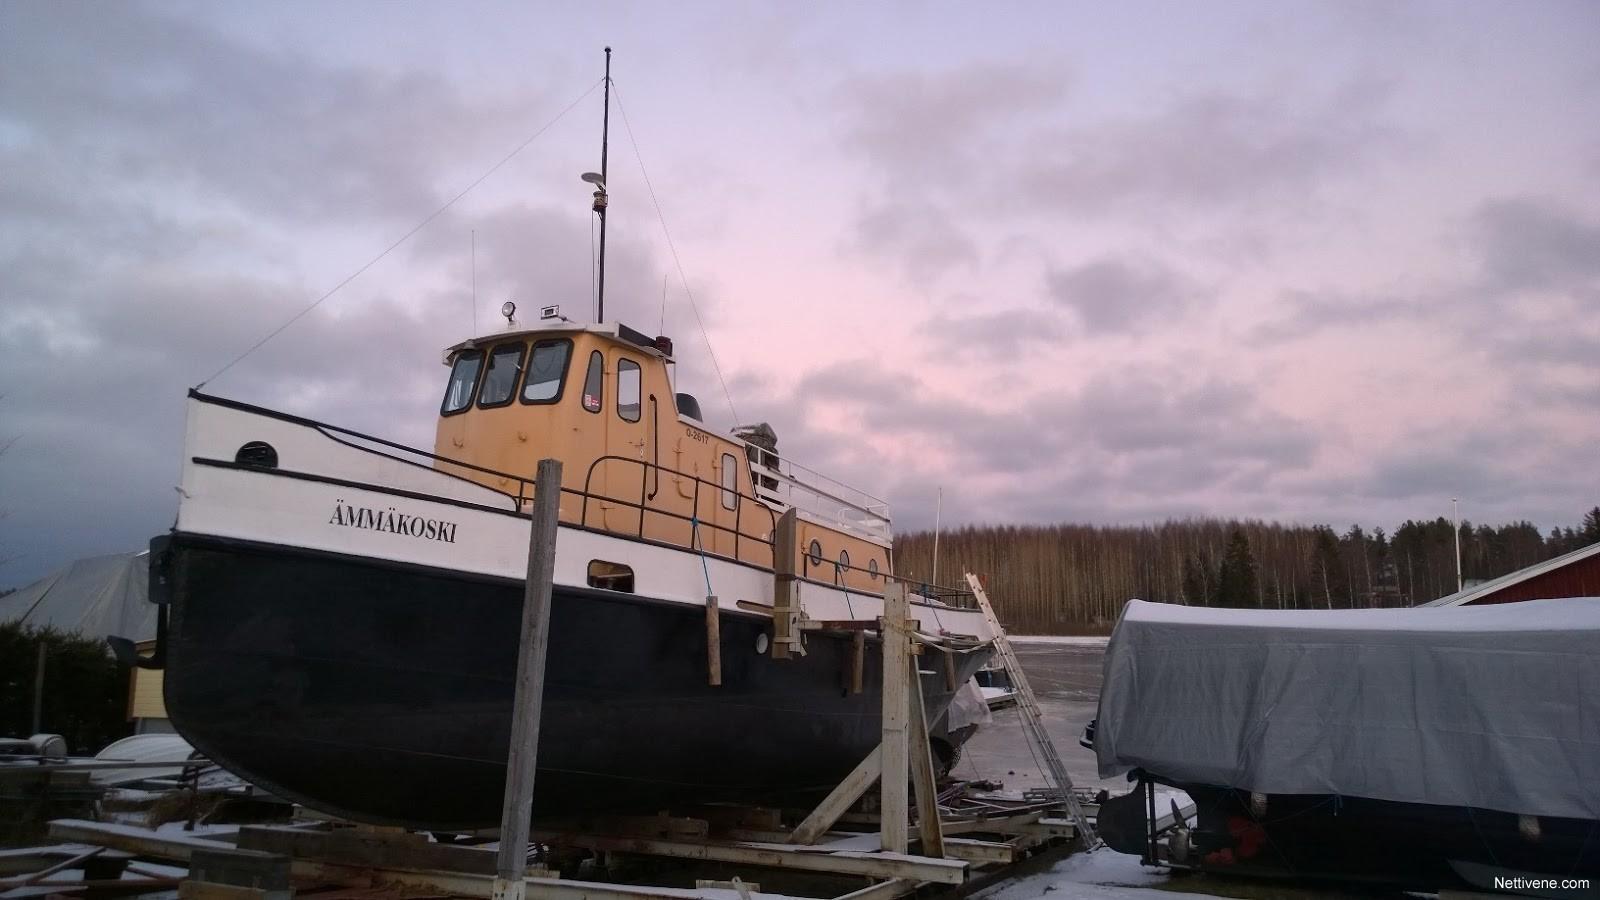 Oulujärvi Kalastus